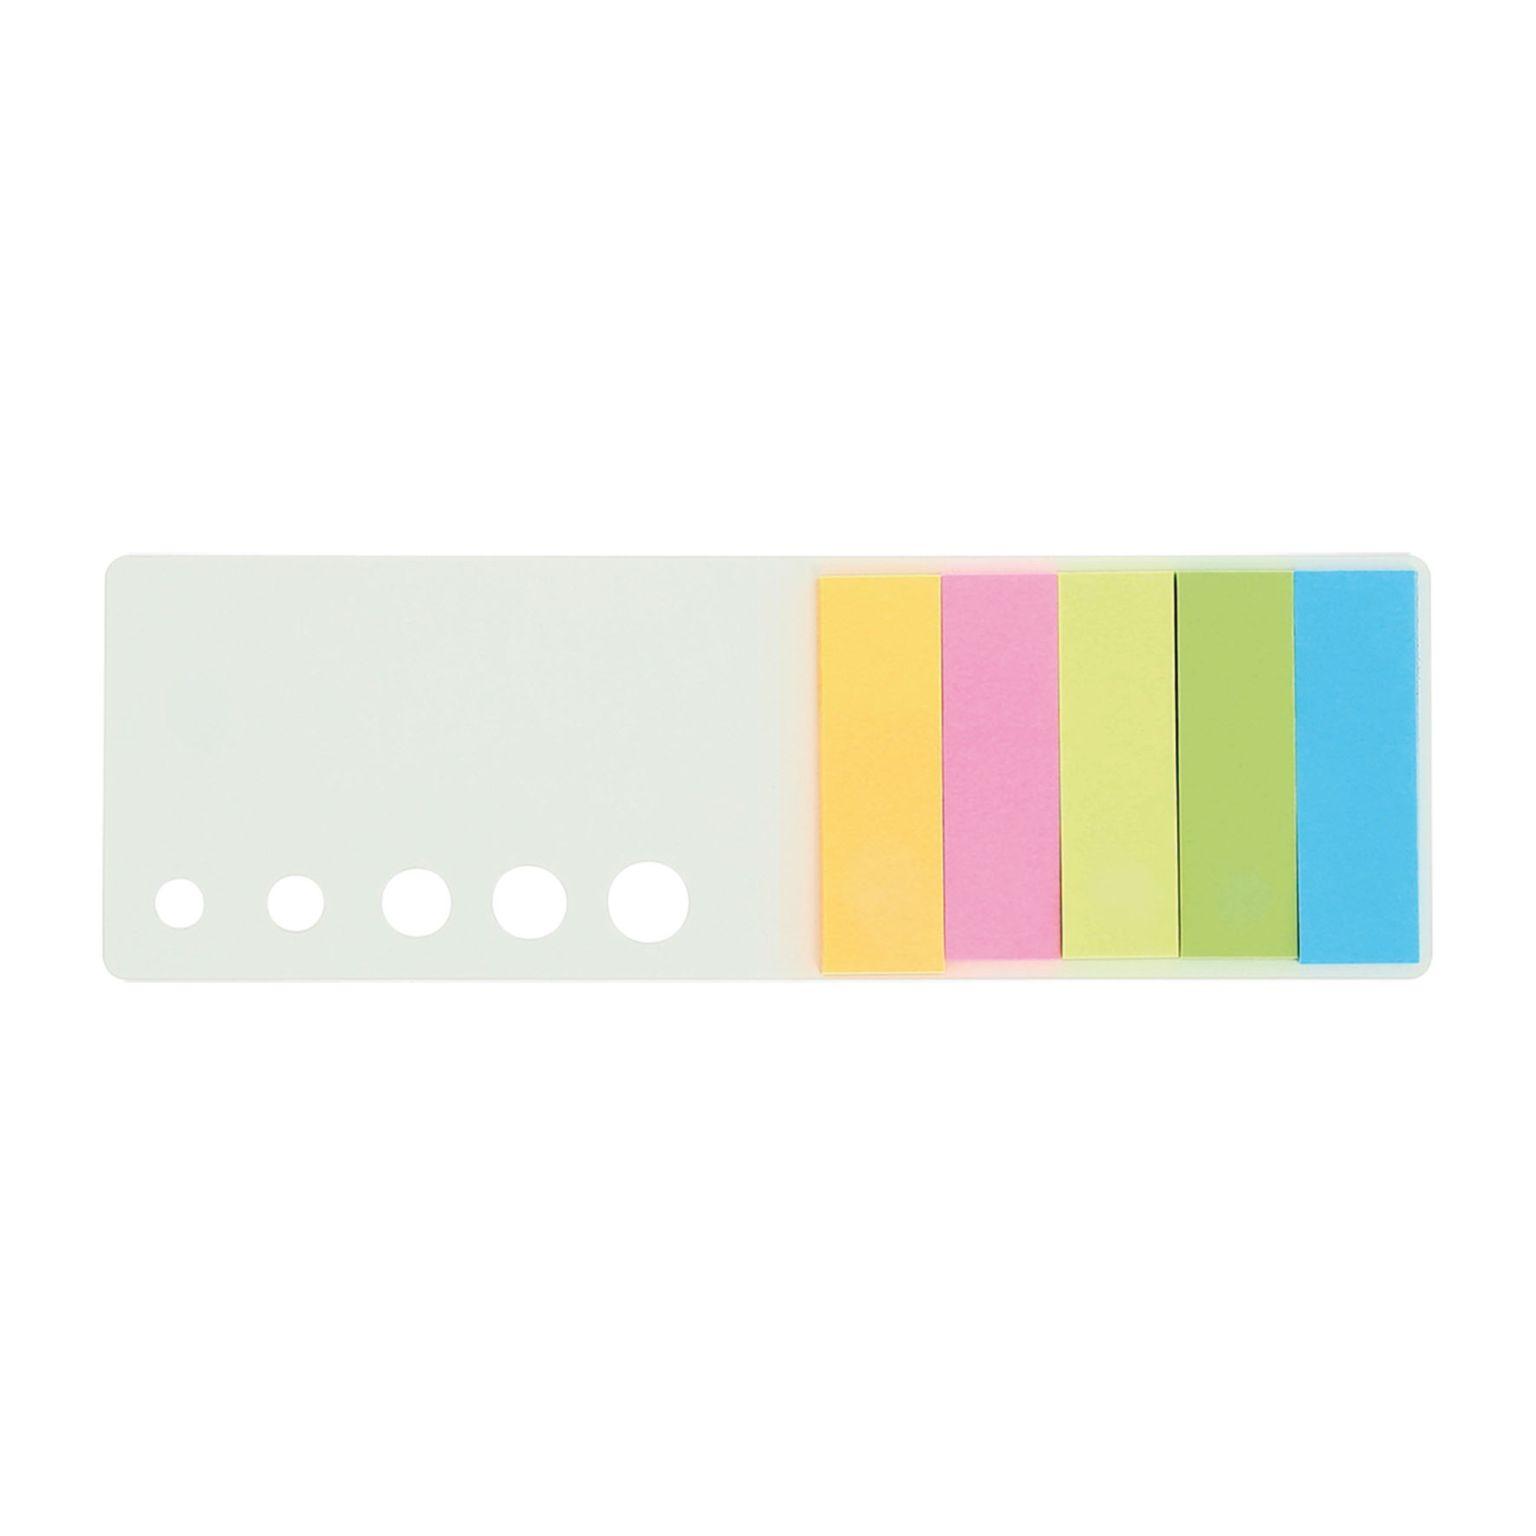 Porte marque-cartes